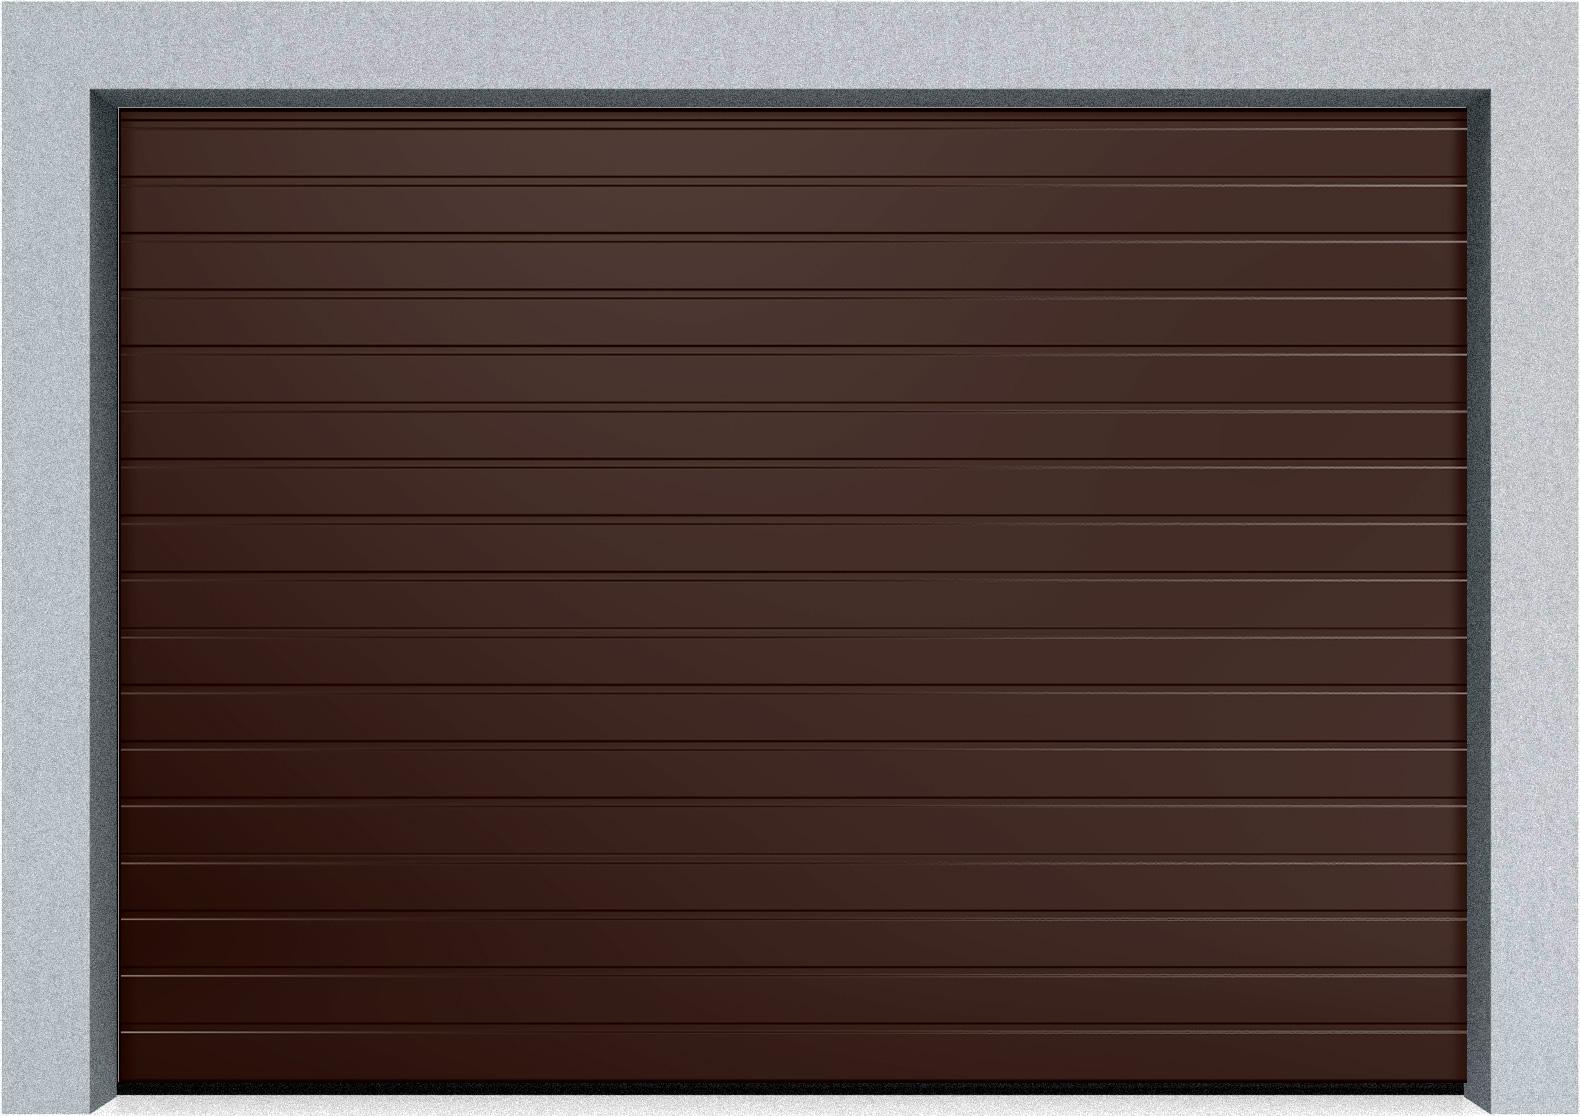 Секционные промышленные ворота Alutech ProTrend 2750х2250 S-гофр, Микроволна стандартные цвета, фото 3